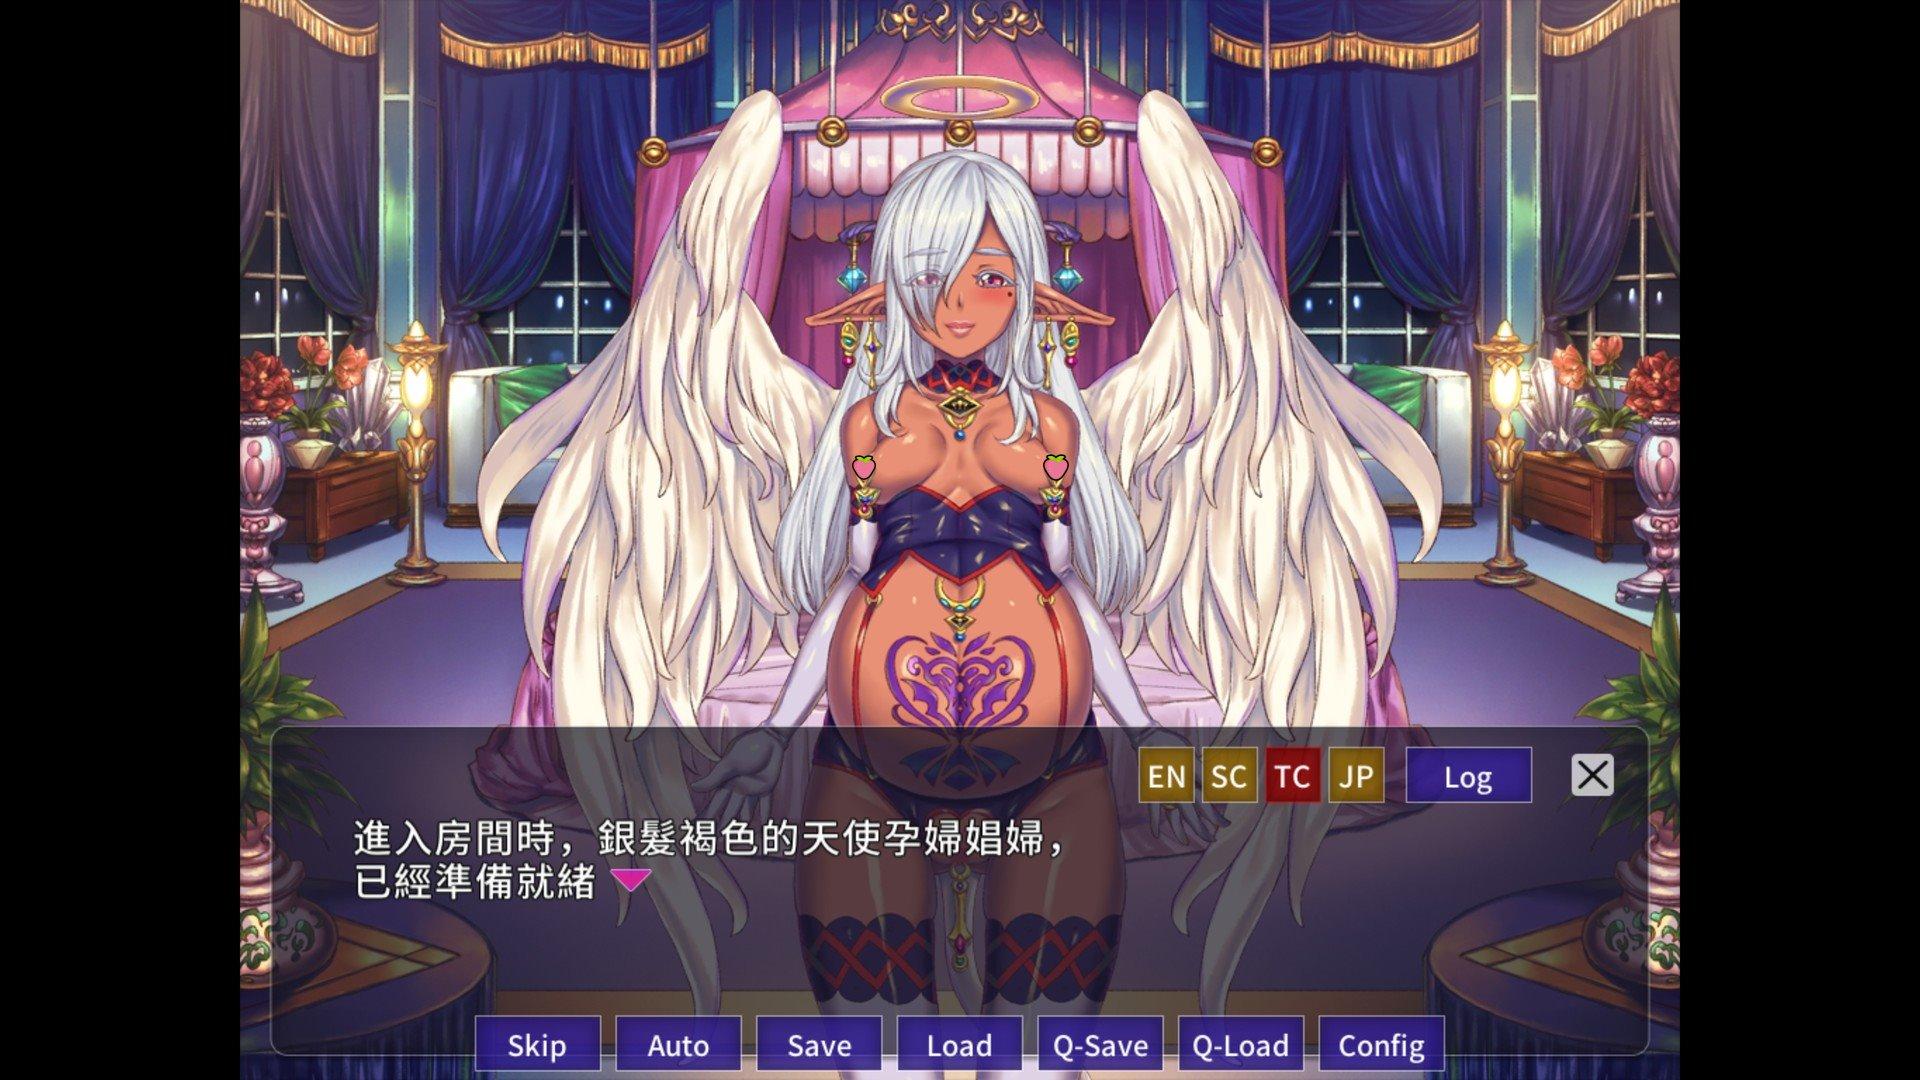 18禁遊戲《歡迎來到♥妖魔娼館》Steam上架!單手就能體驗異種族風俗!